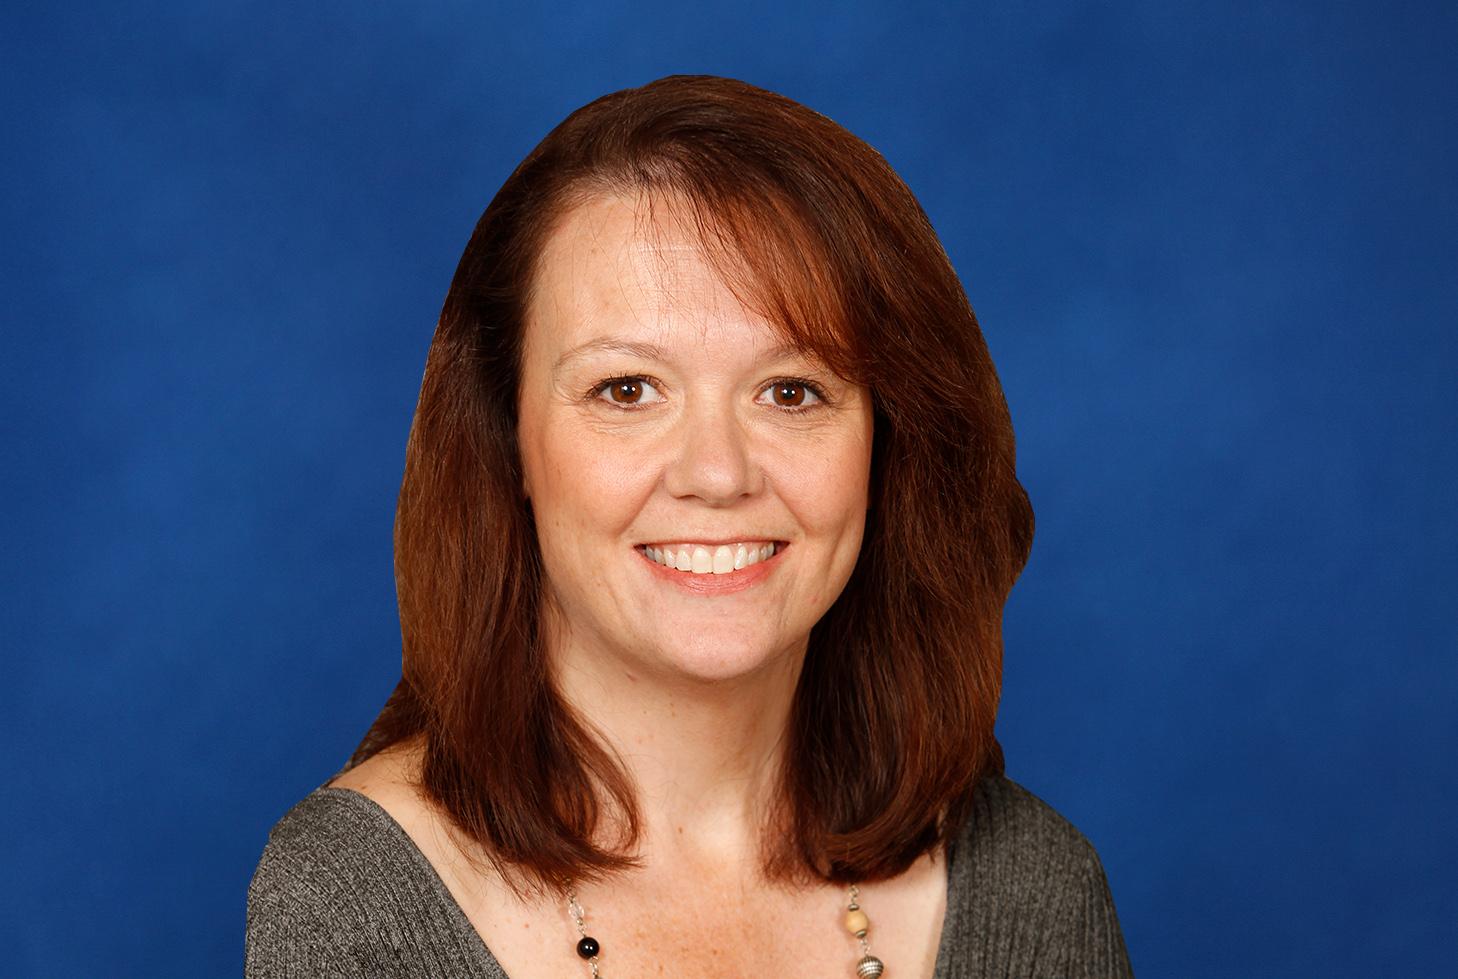 Lori Townsend